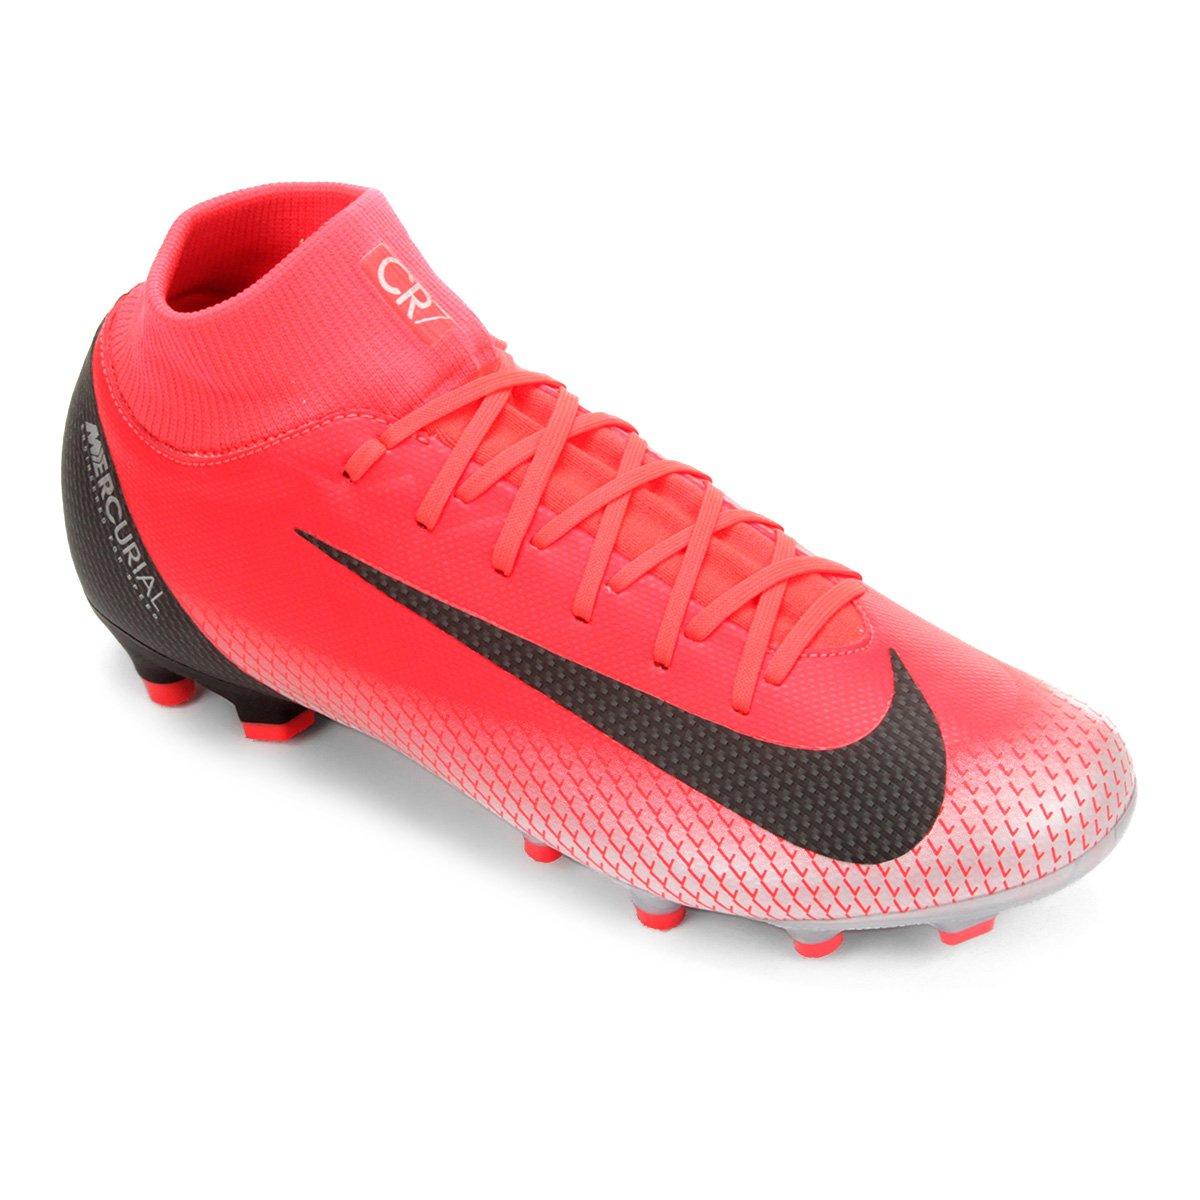 f324bd3c2b549 Chuteira Campo Nike Mercurial Superfly 6 Academy CR7 FG - Vermelho e Cinza  - Compre Agora